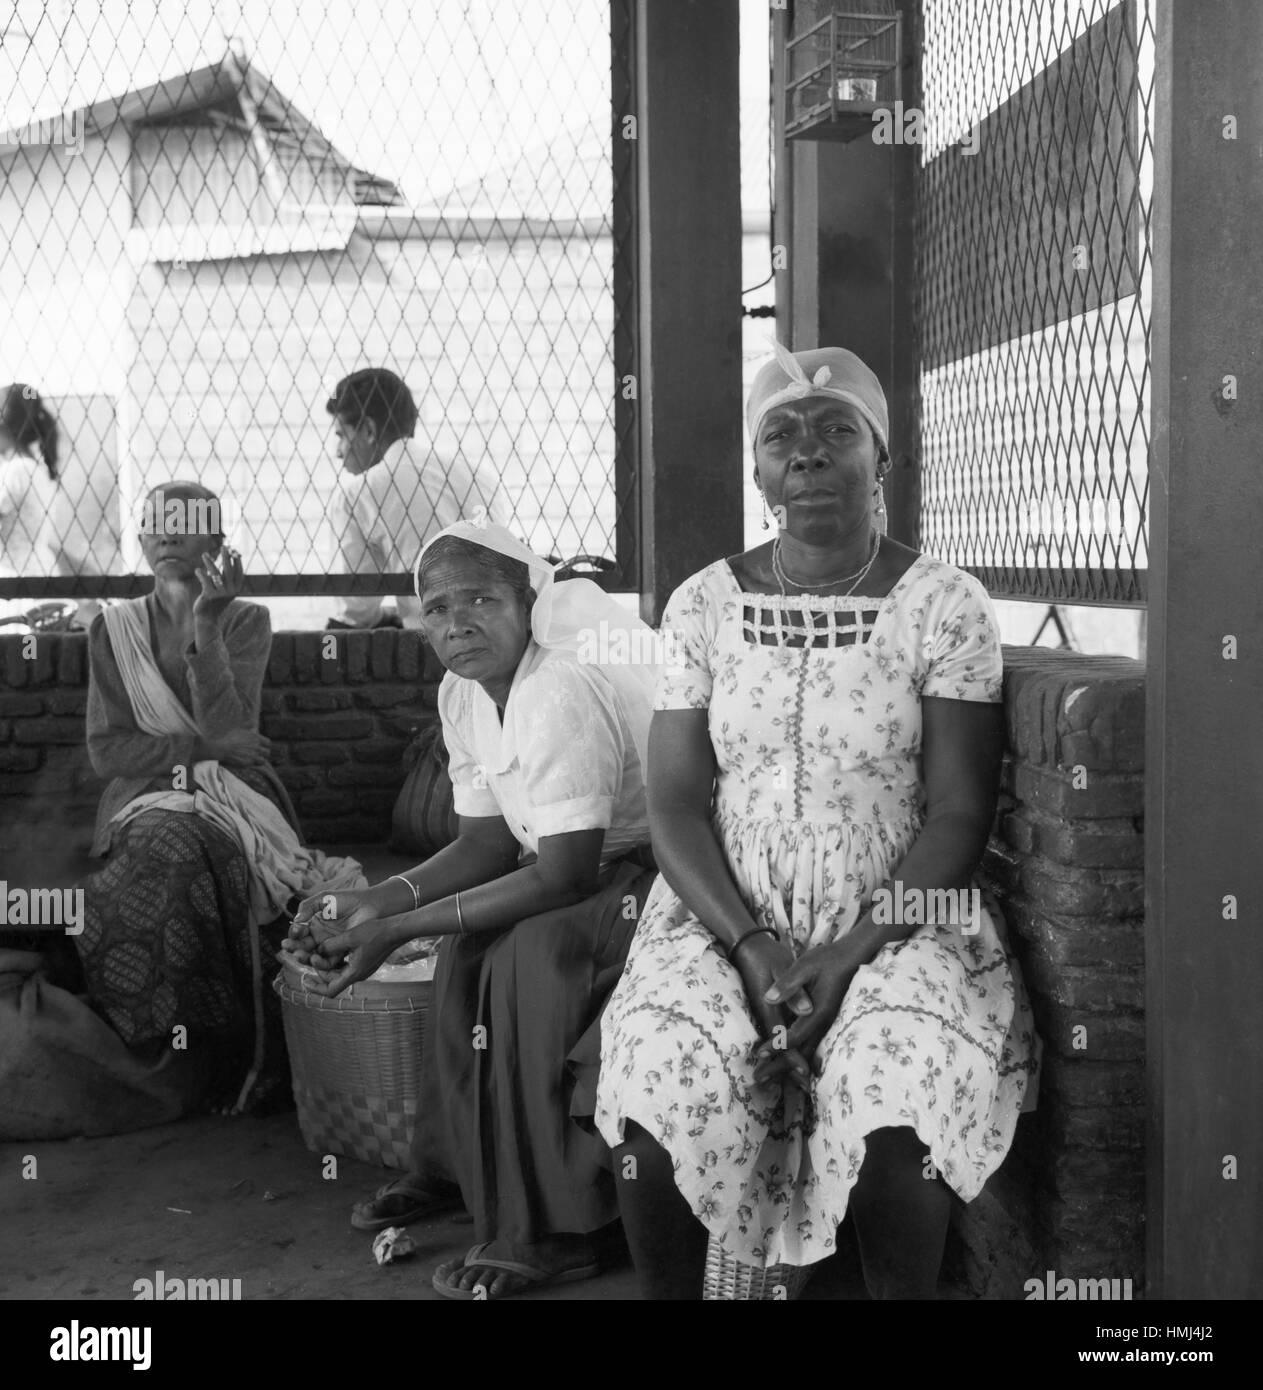 Frauen in Paramaribo, Suriname 1966. Women in Paramaribo, Suriname 1966. - Stock Image